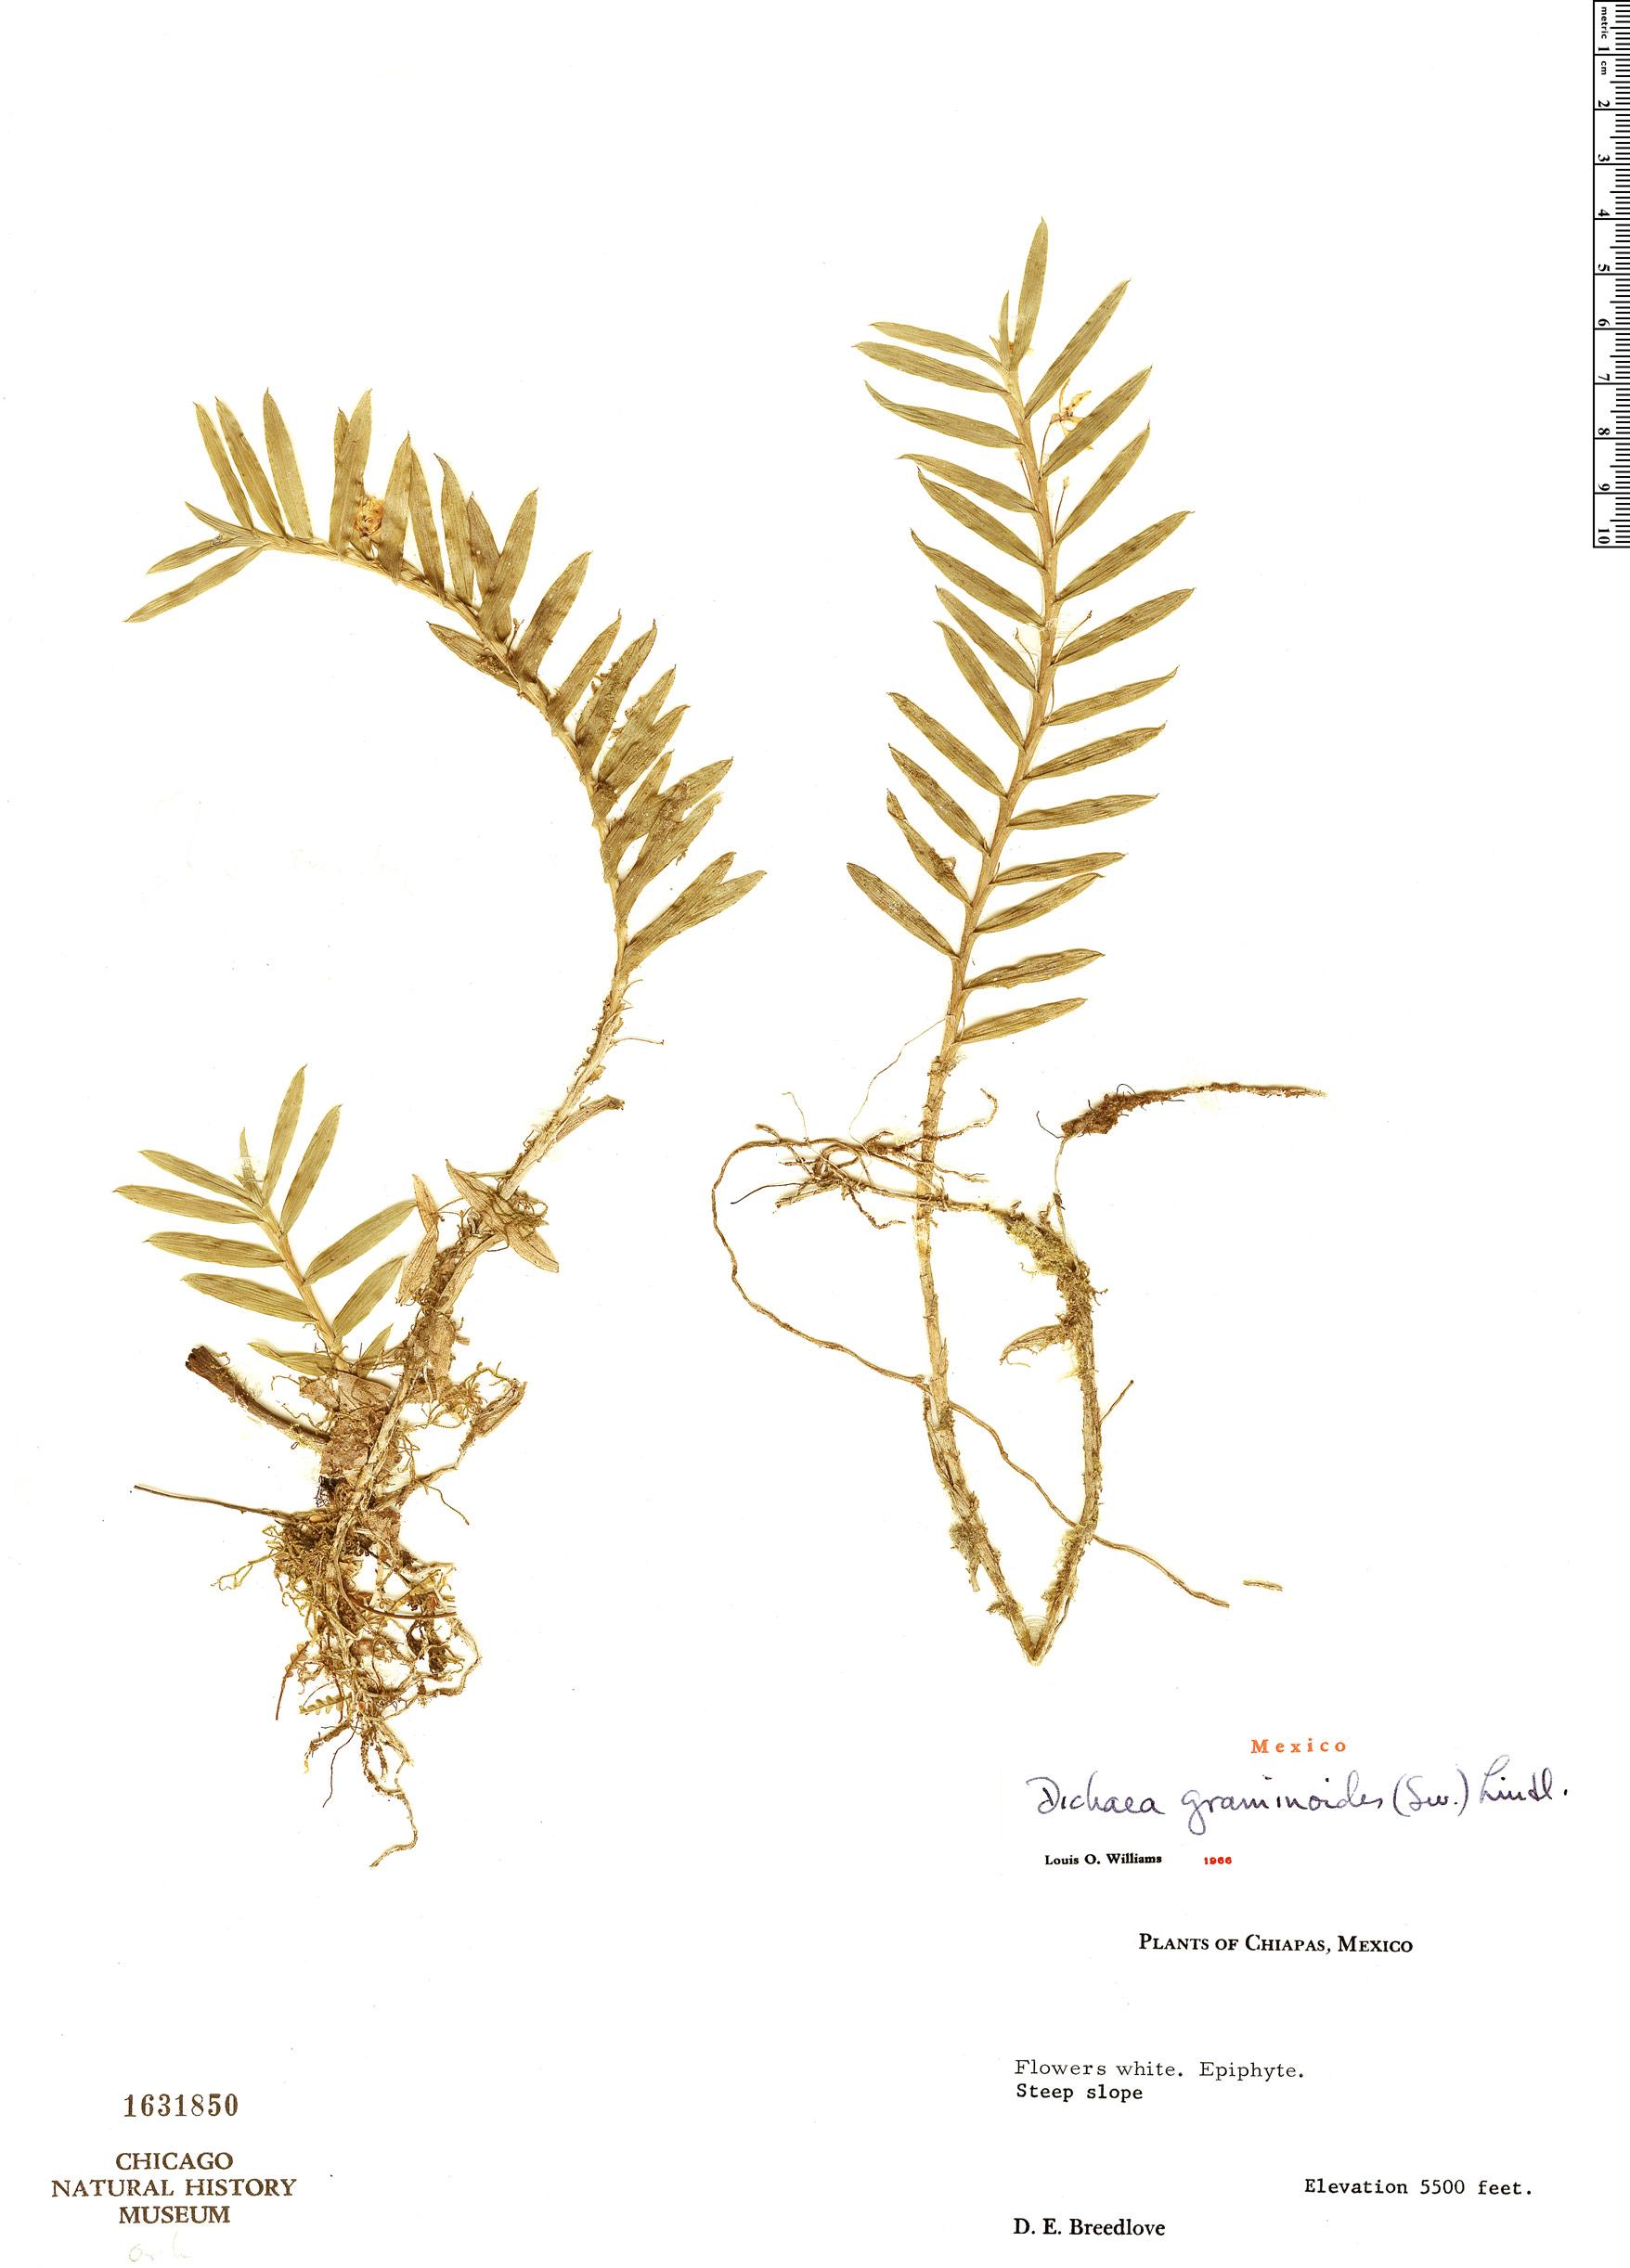 Specimen: Dichaea graminoides